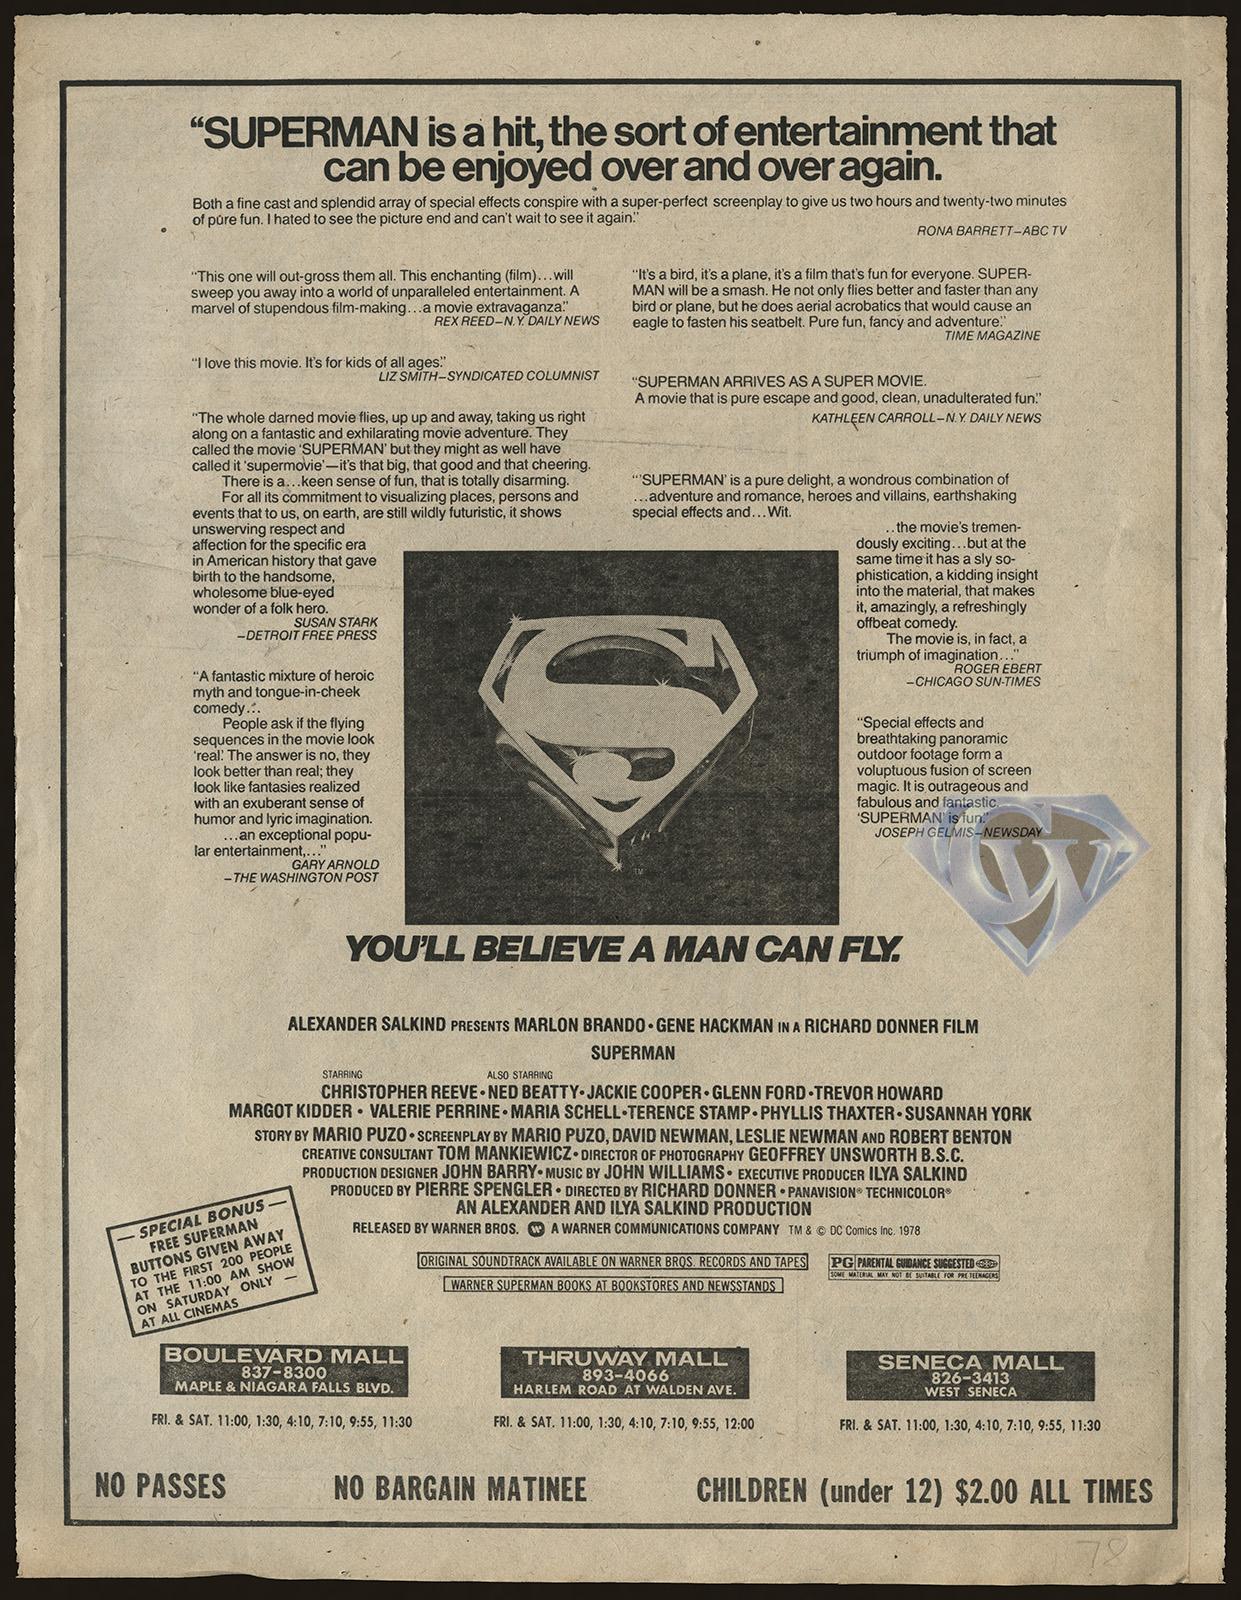 CW-STM-Buffalo-NY-Dec-22-ad-1978